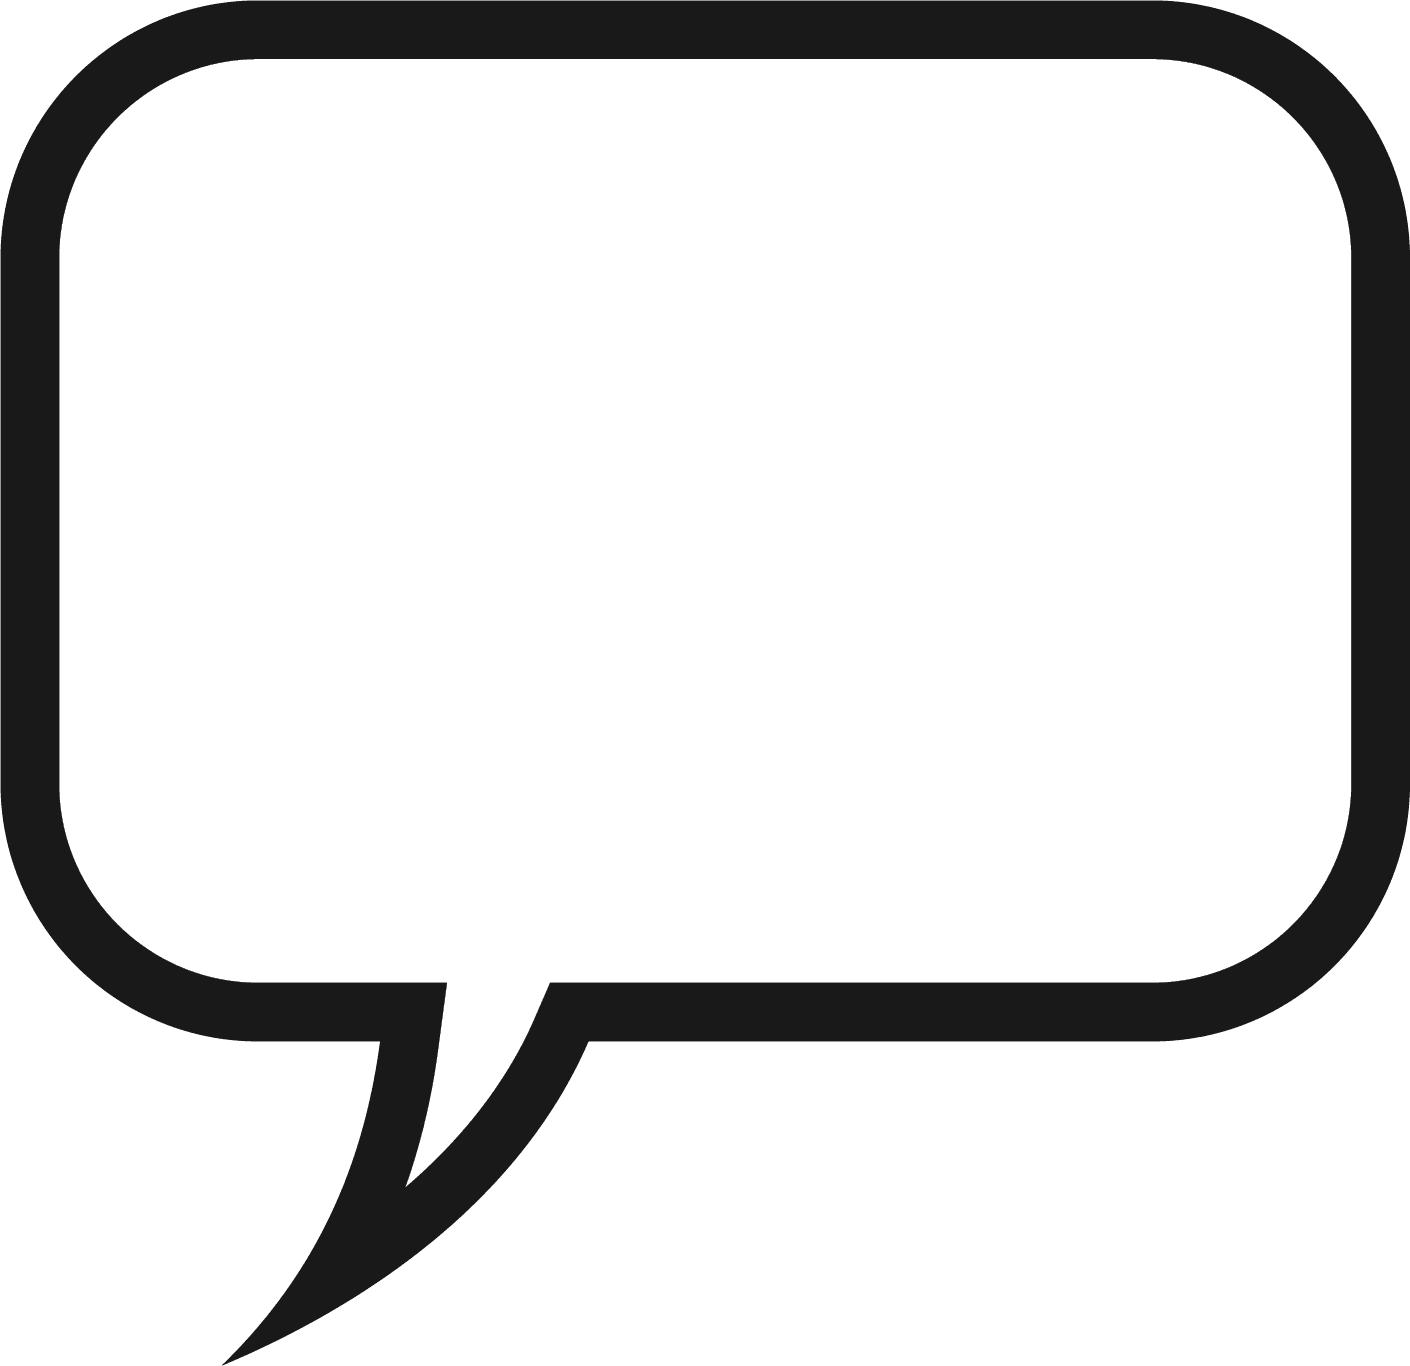 Text message conversation bubble clipart image free library Text Message Cliparts | Free download best Text Message ... image free library